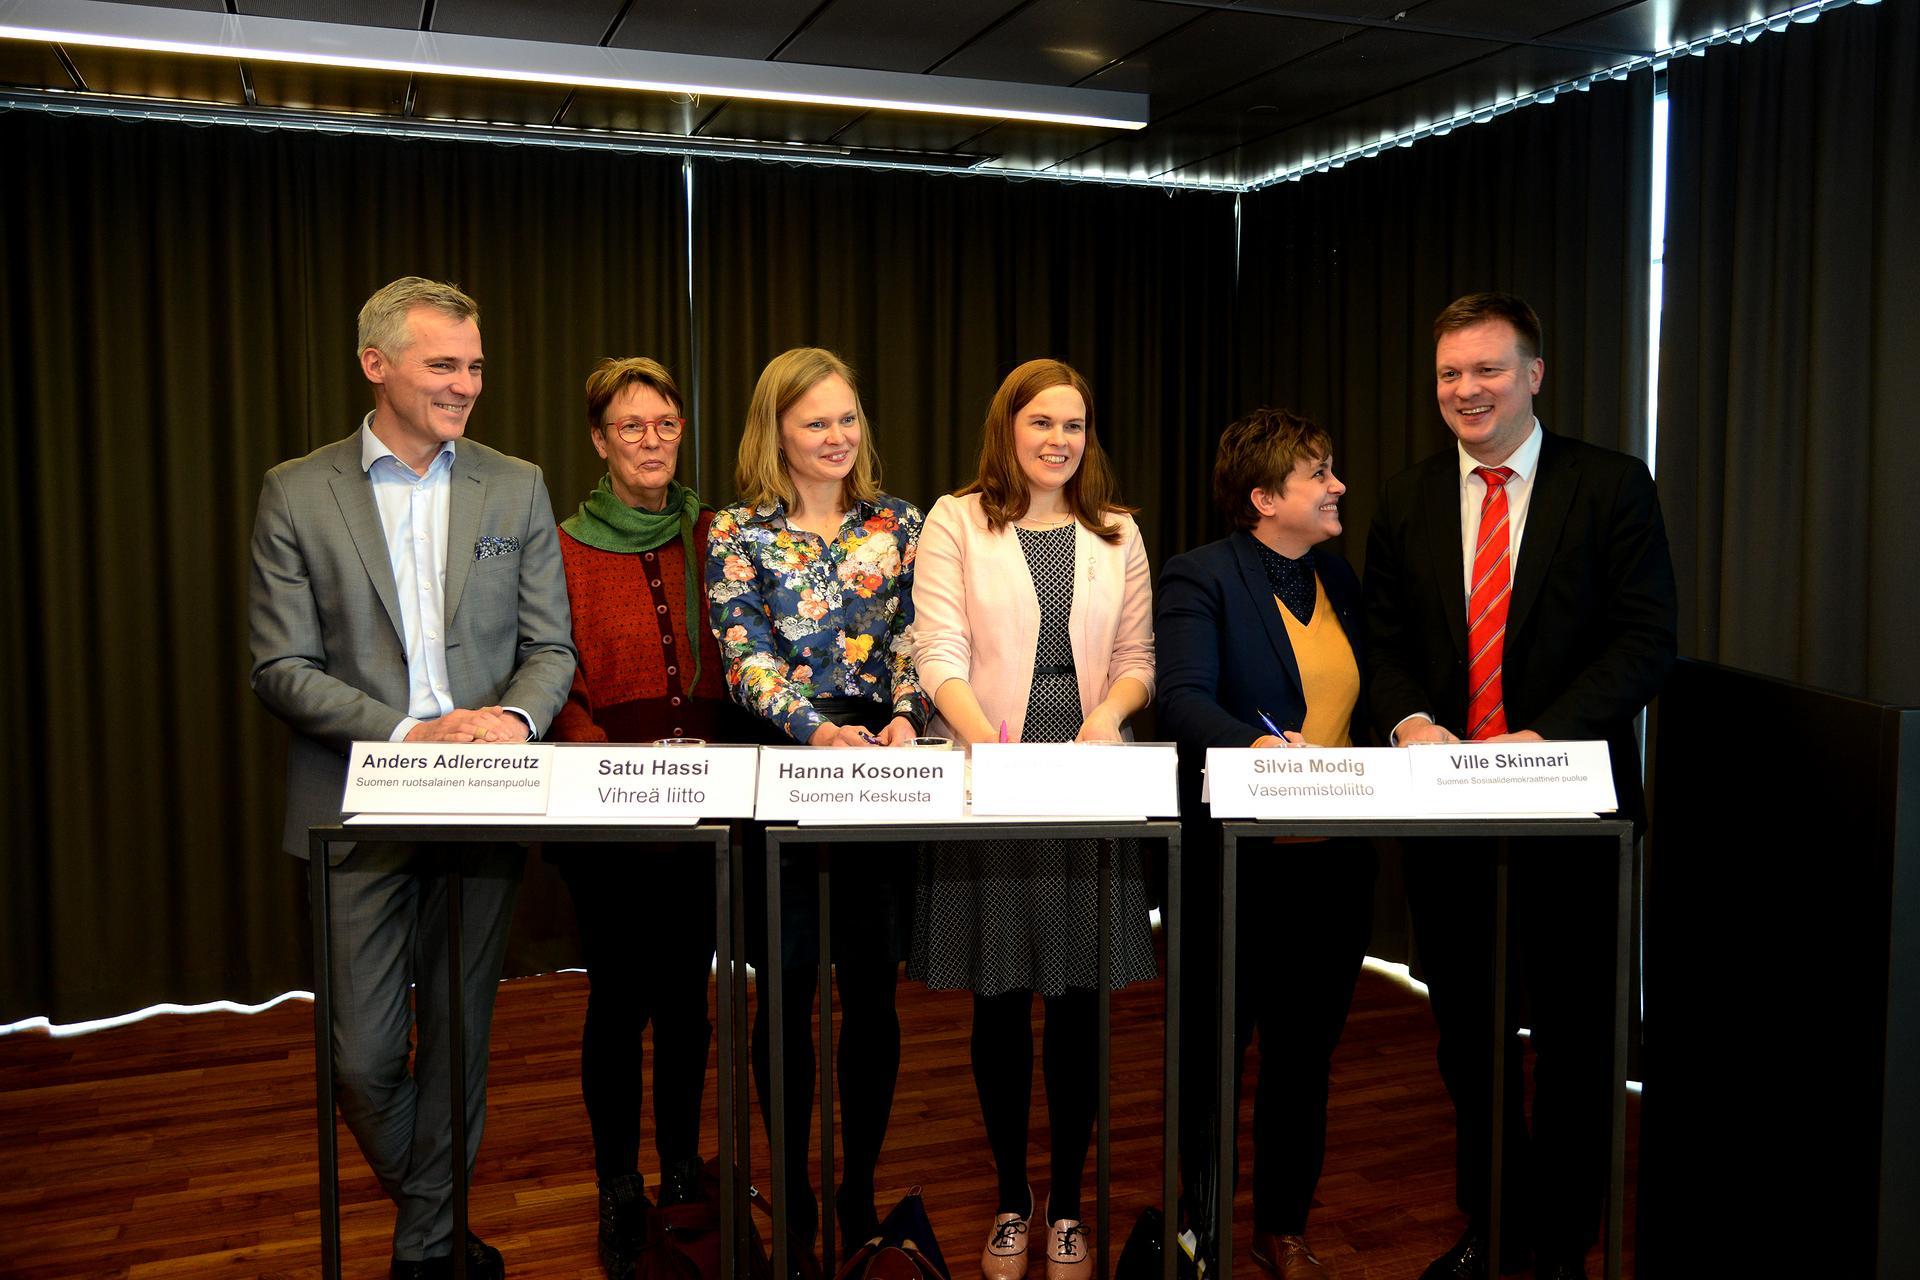 Kuuden puolueen kansanedustajat seisovat yhtenä rivinä valmiina vastaamaan tiukkoihin kysymyksiin Itämerestä